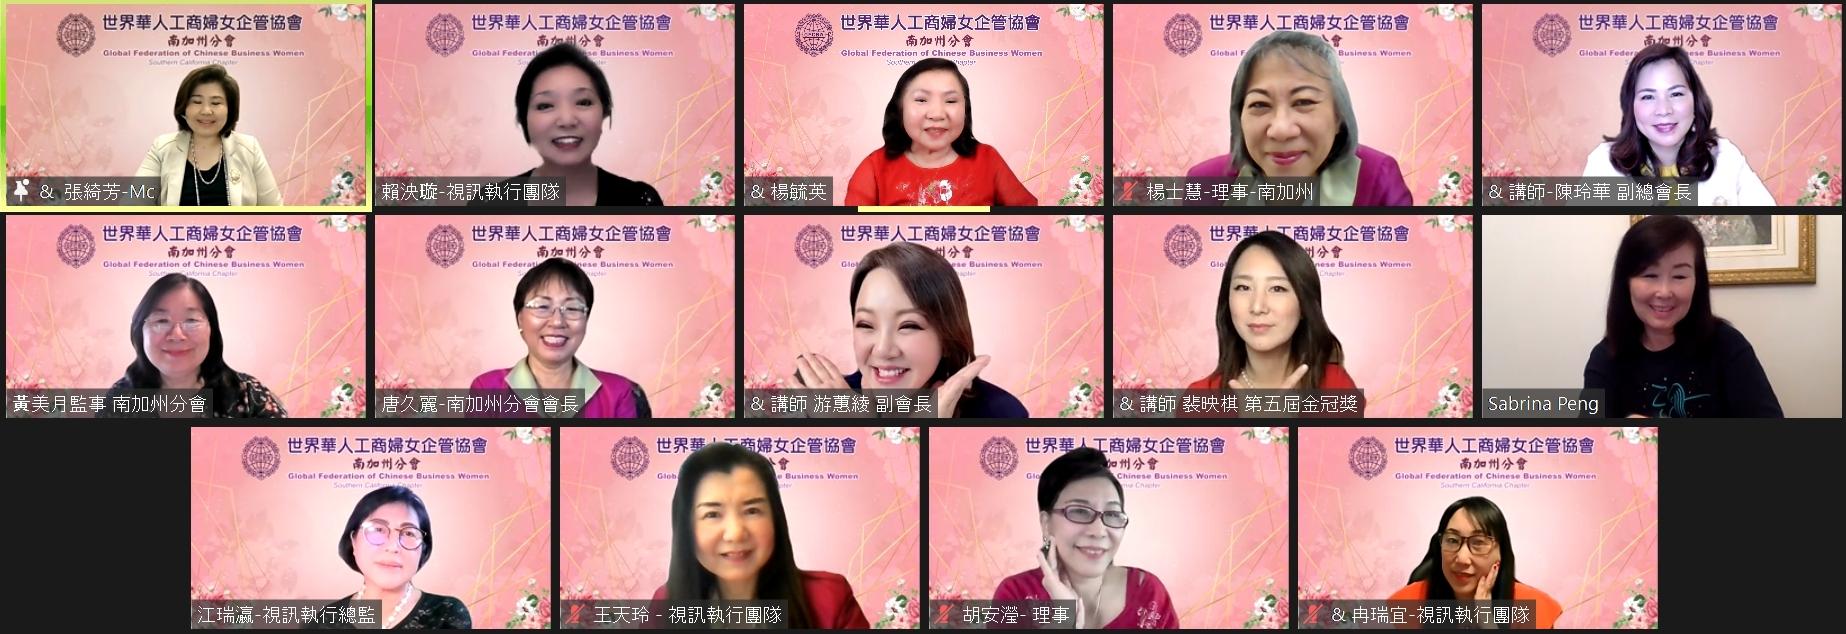 世华工商妇企协会南加分会第三次云端教学讲座